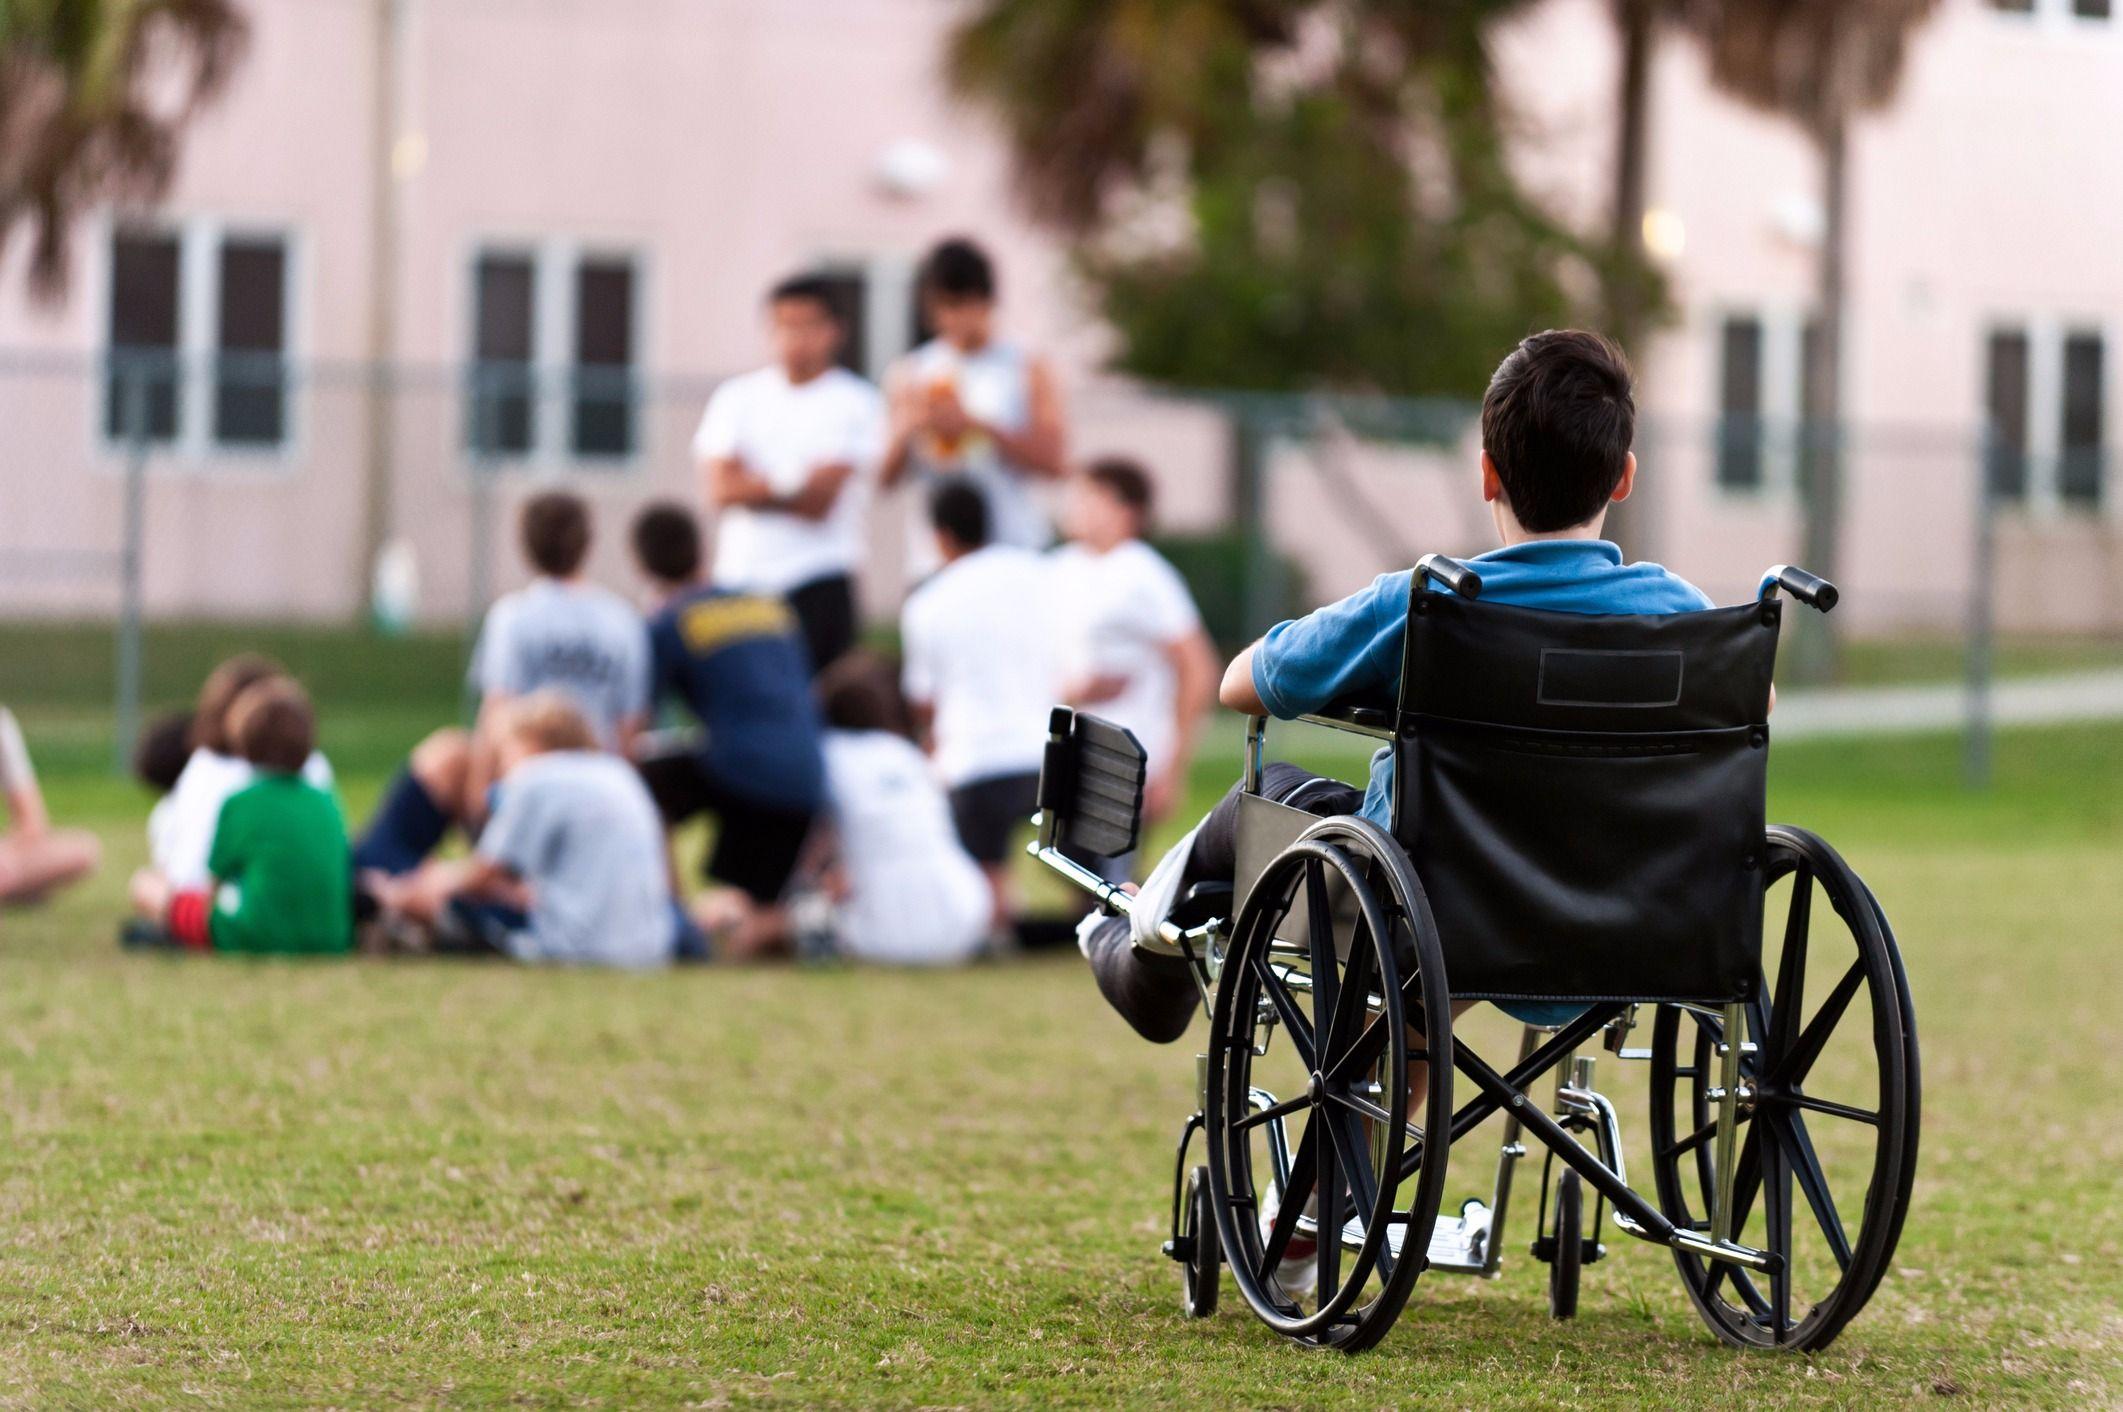 Ε.Σ.Α.μεΑ.: Κανένα άτομο με αναπηρία αβοήθητο και μόνο στο σπίτι